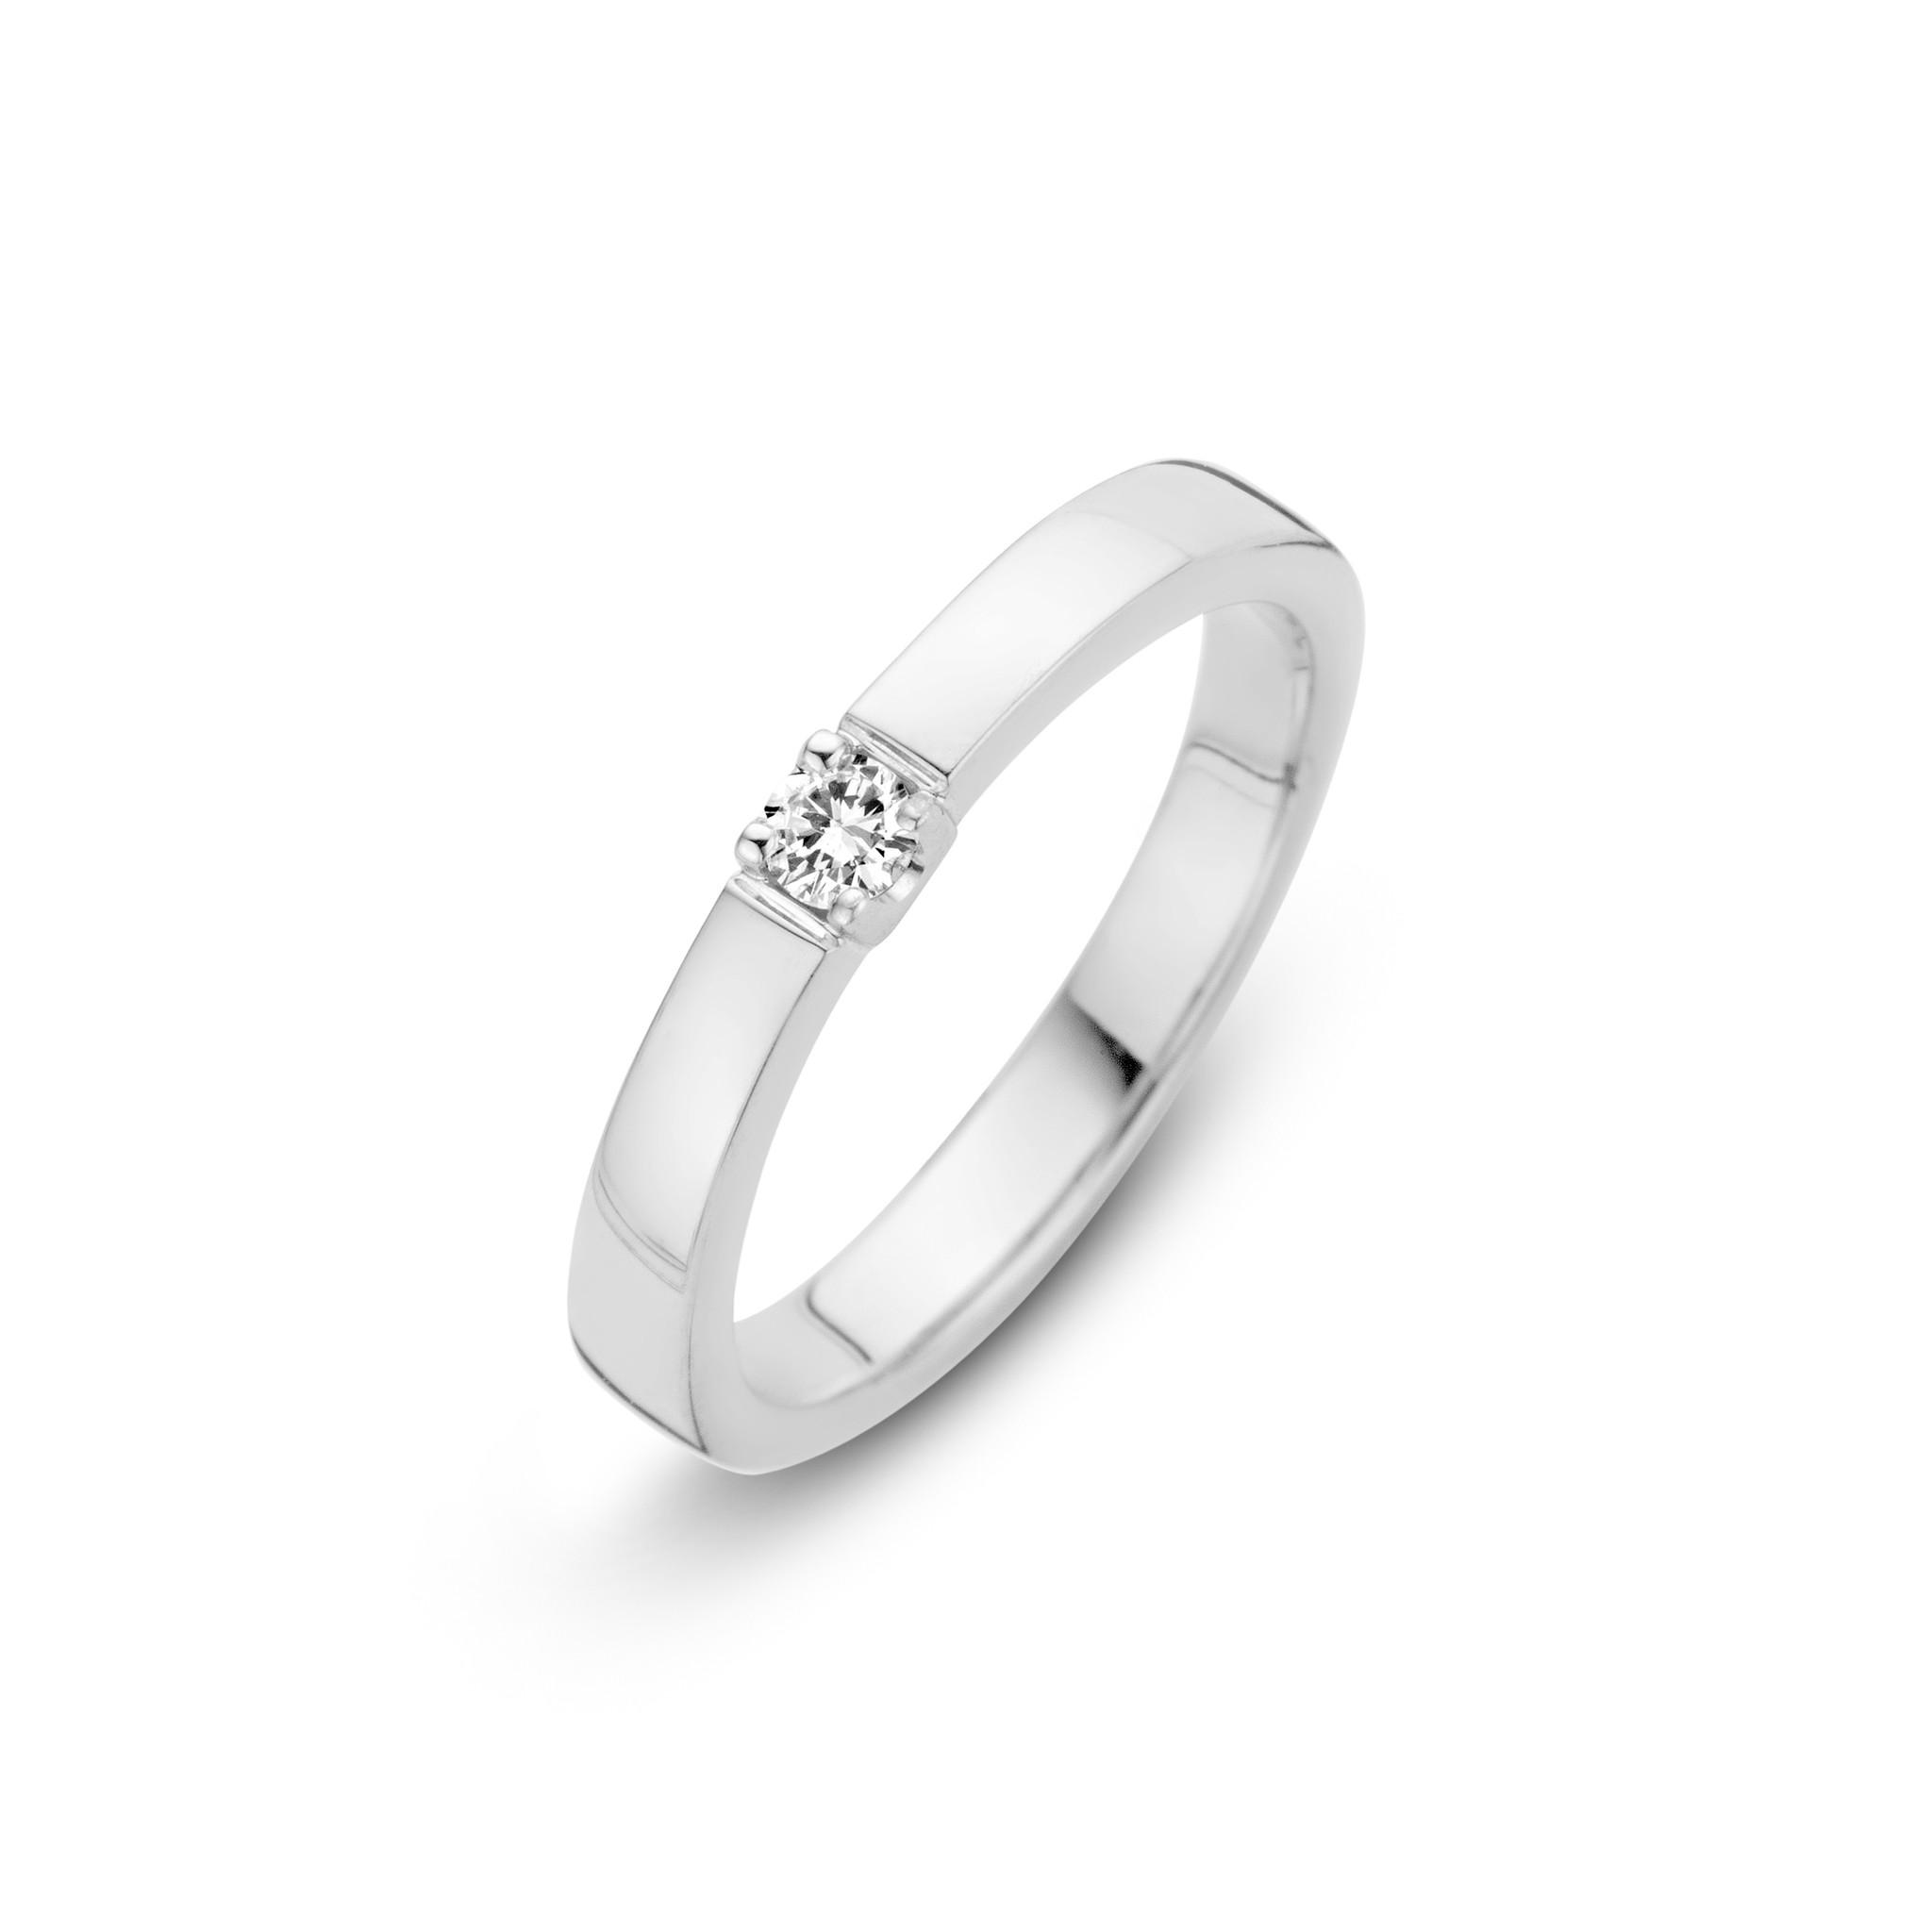 H.O.T. Een 14 krt. witgouden memoire-ring met een briljant van 0,09 ct, Si/Wesselton